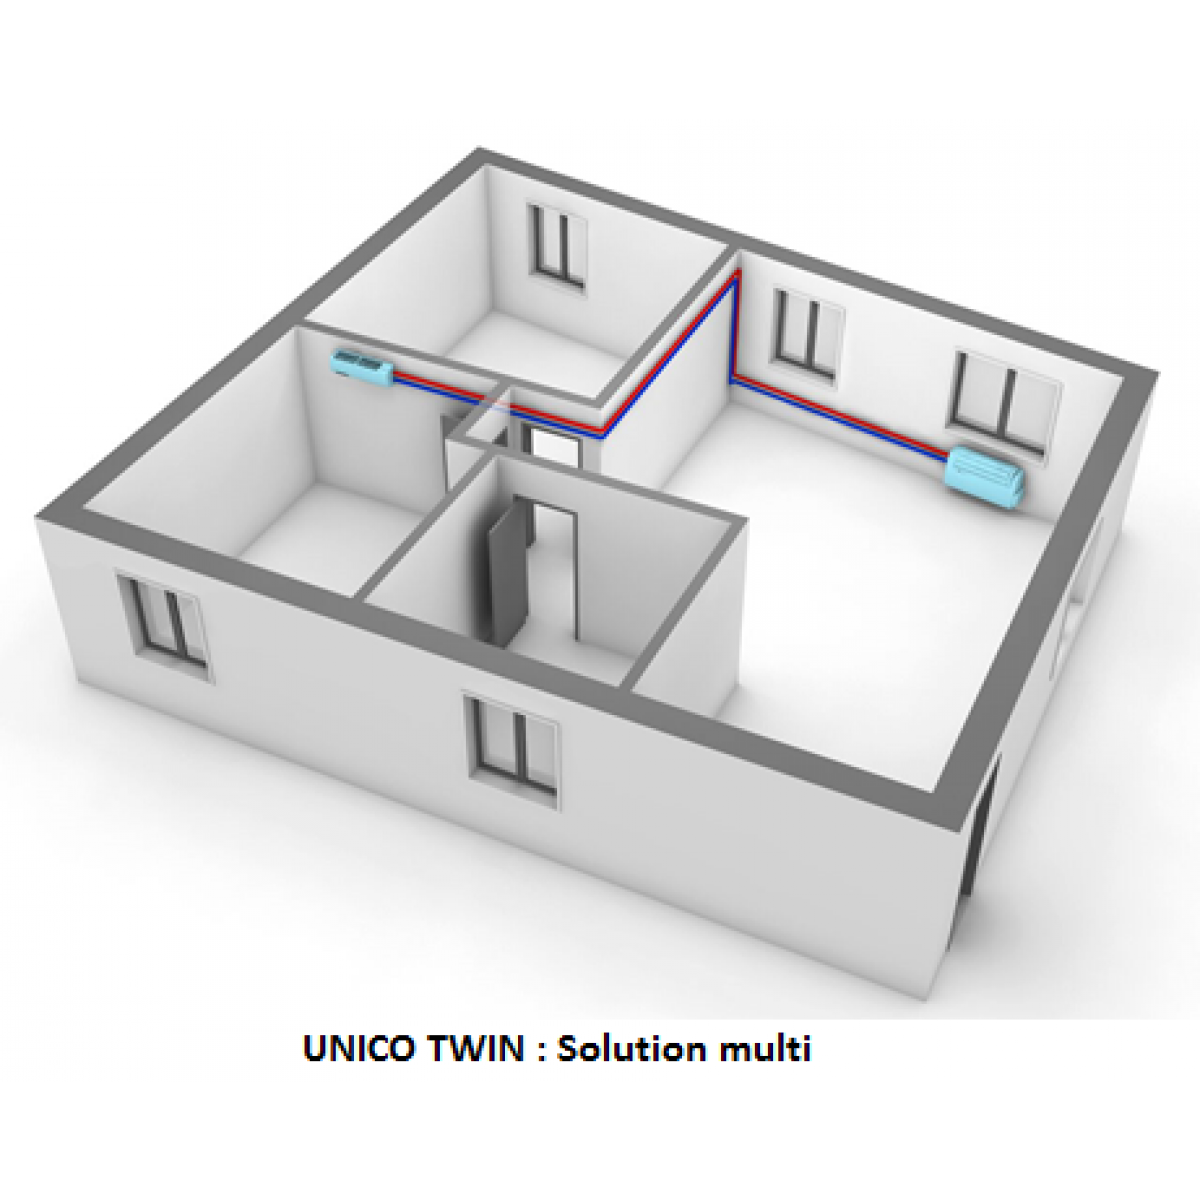 Cache Unité Extérieure Climatisation système autonome de climatisation et chauffage gamme unico